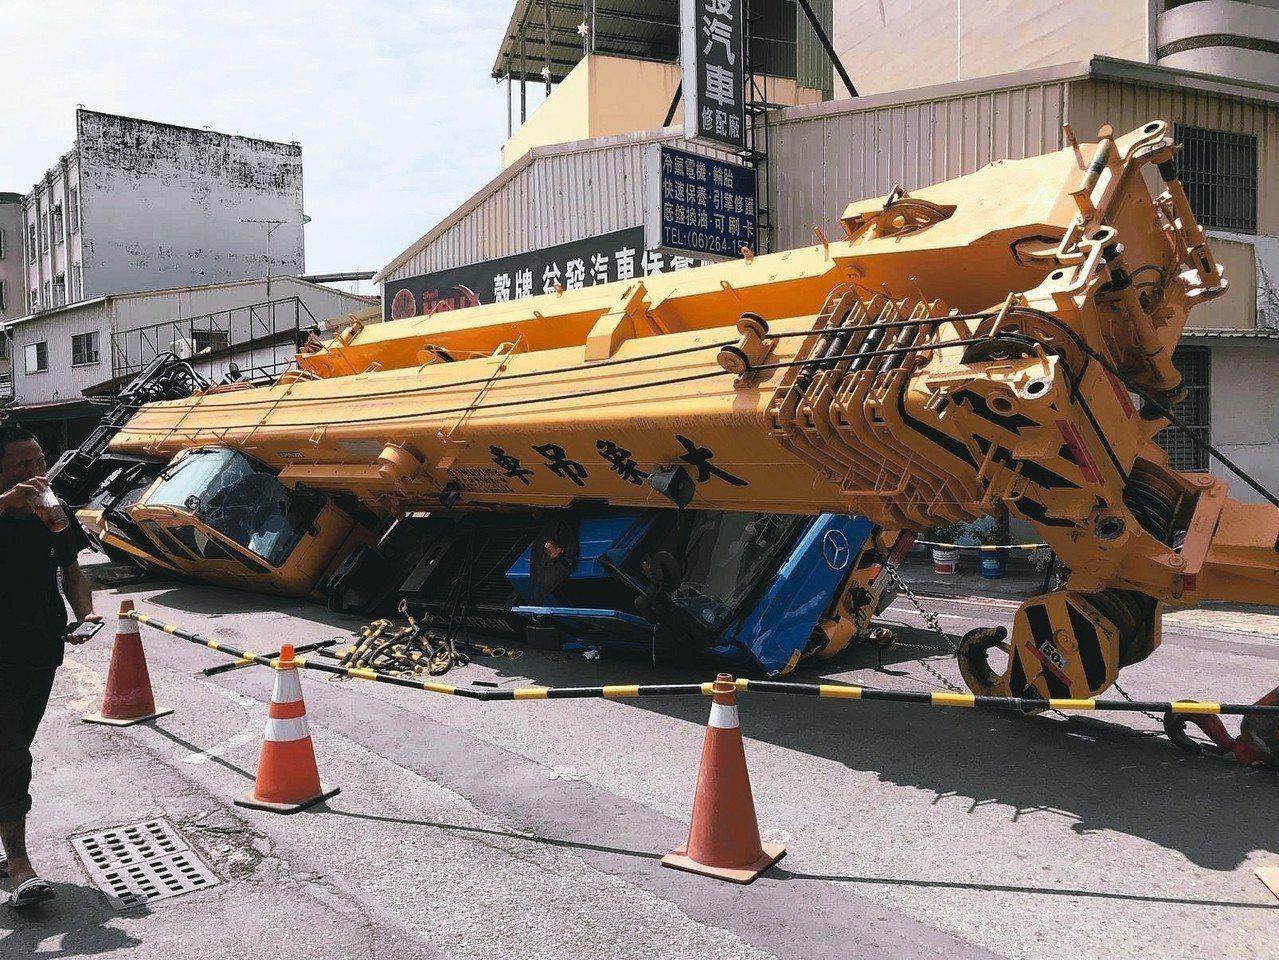 台南一輛100噸大吊車今早在台南市南區利南街陷入大坑洞。 記者邵心杰╱攝影